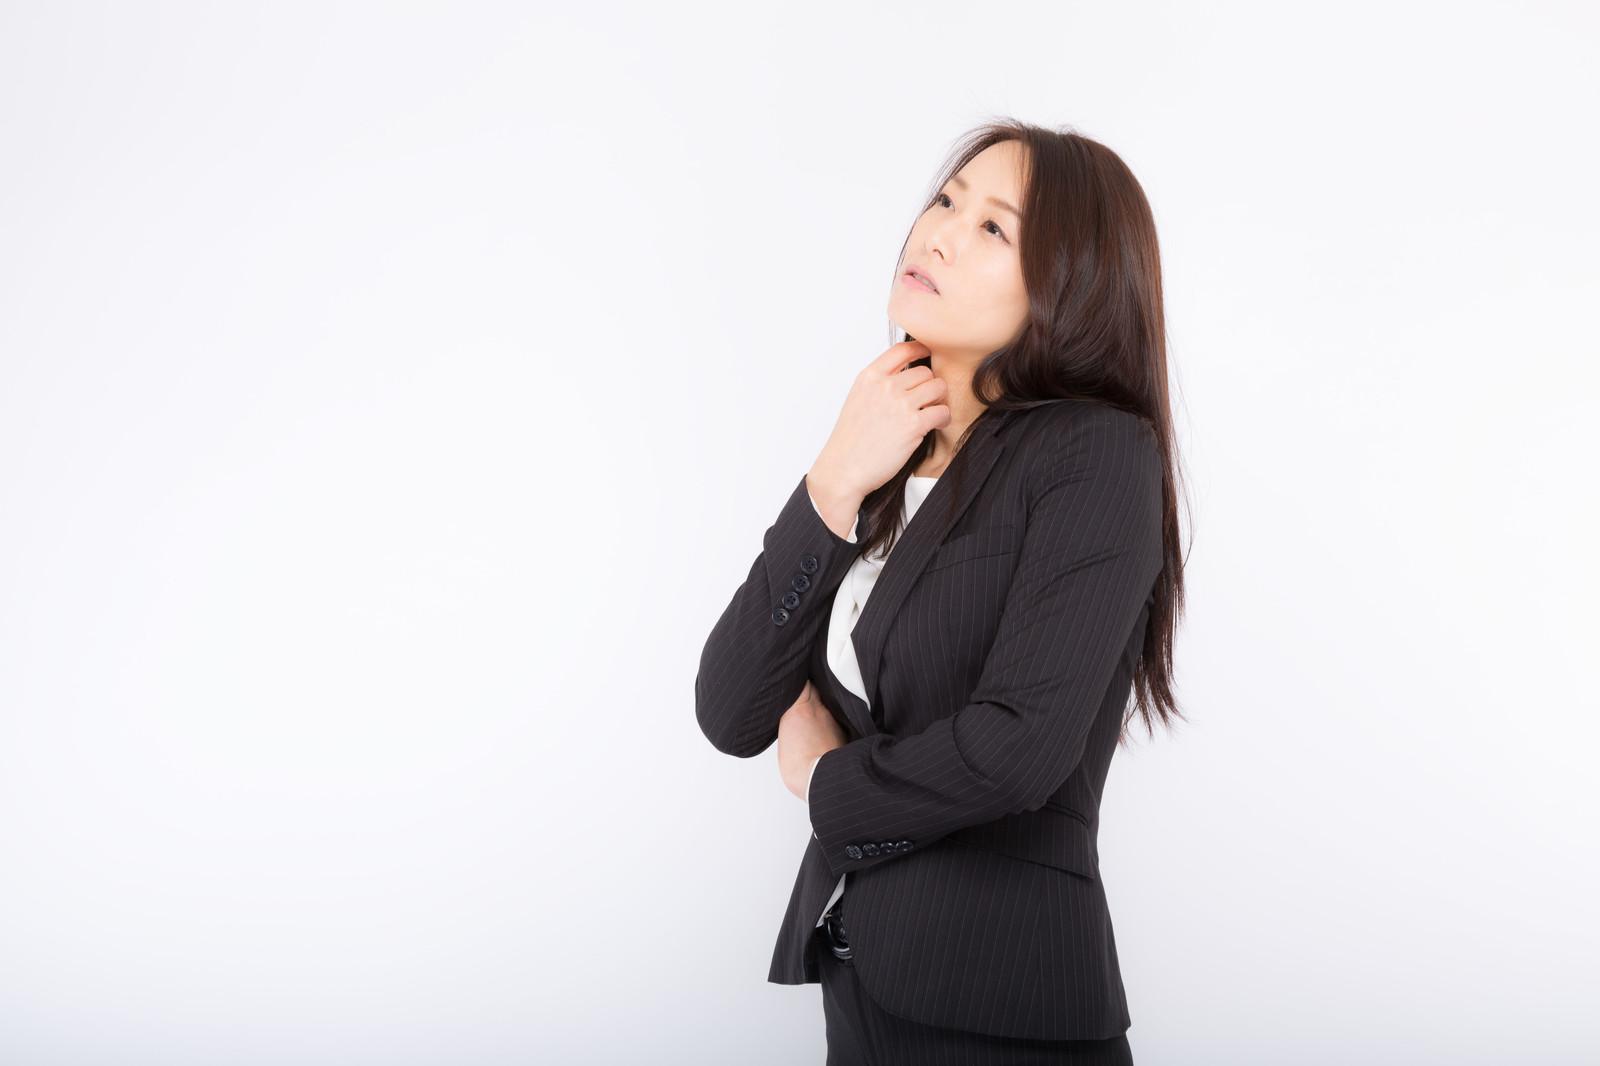 女性が職場で好きな男性にとる態度|5つのパターンをチェック!